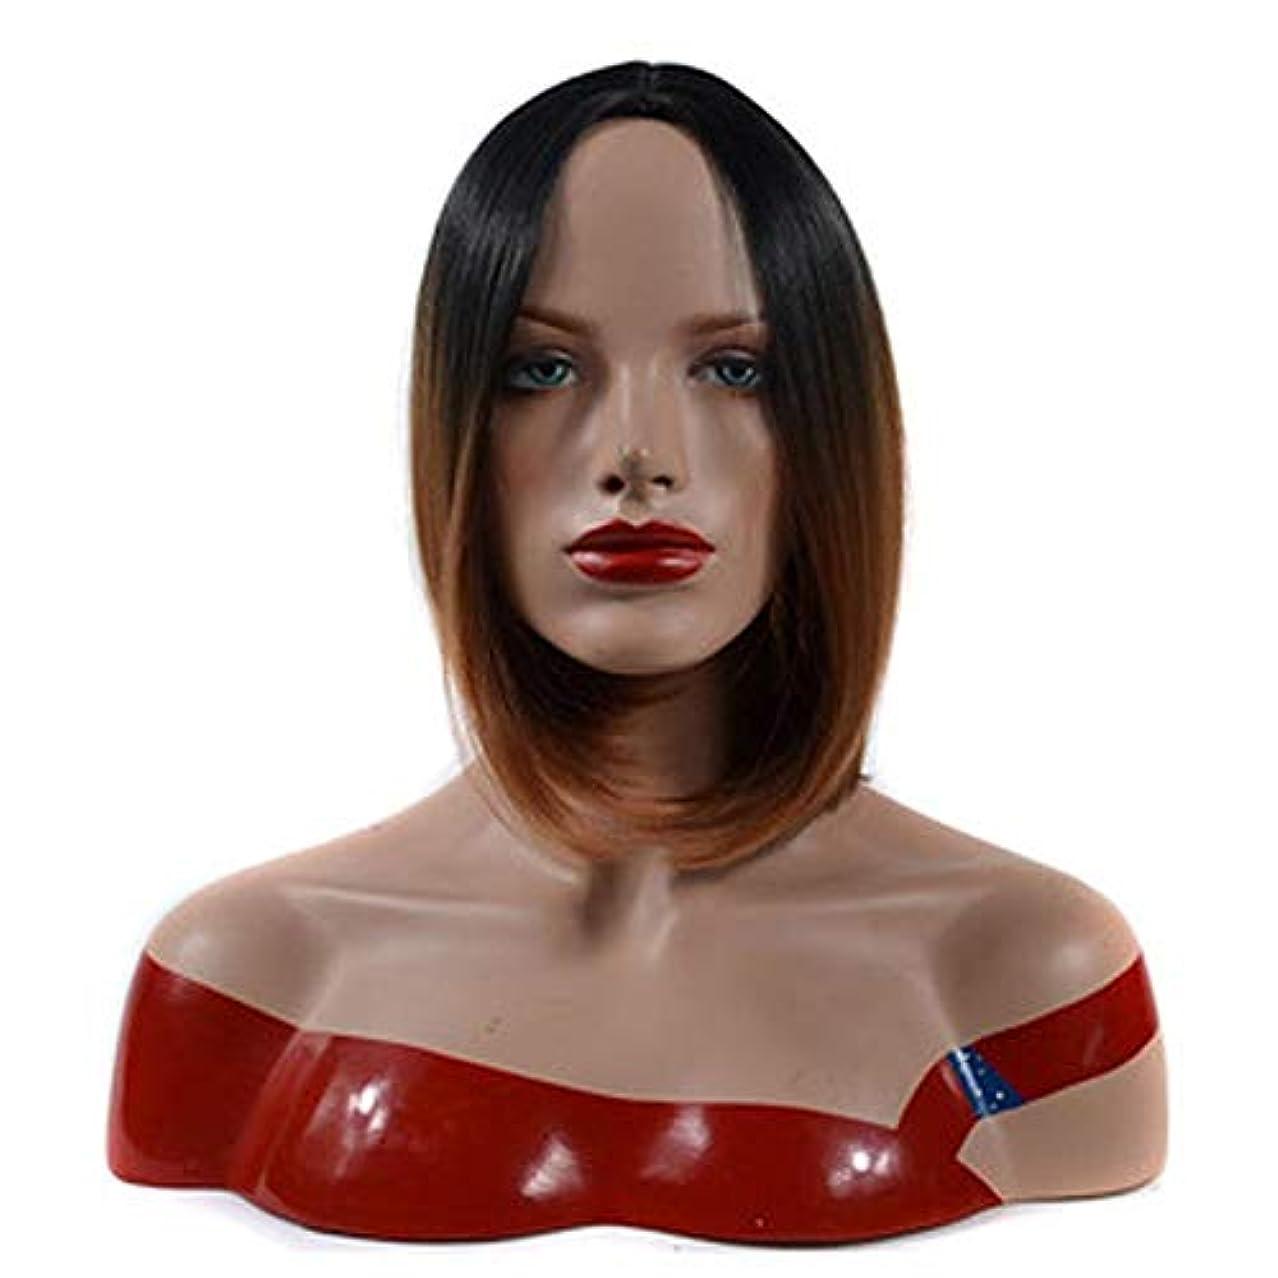 彼女自身警官望むYOUQIU 女性コスプレパーティードレスウィッグについては黒髪ルートライトブラウンショートストレート髪ボブウィッグ (色 : 淡い茶色, サイズ : 30cm)